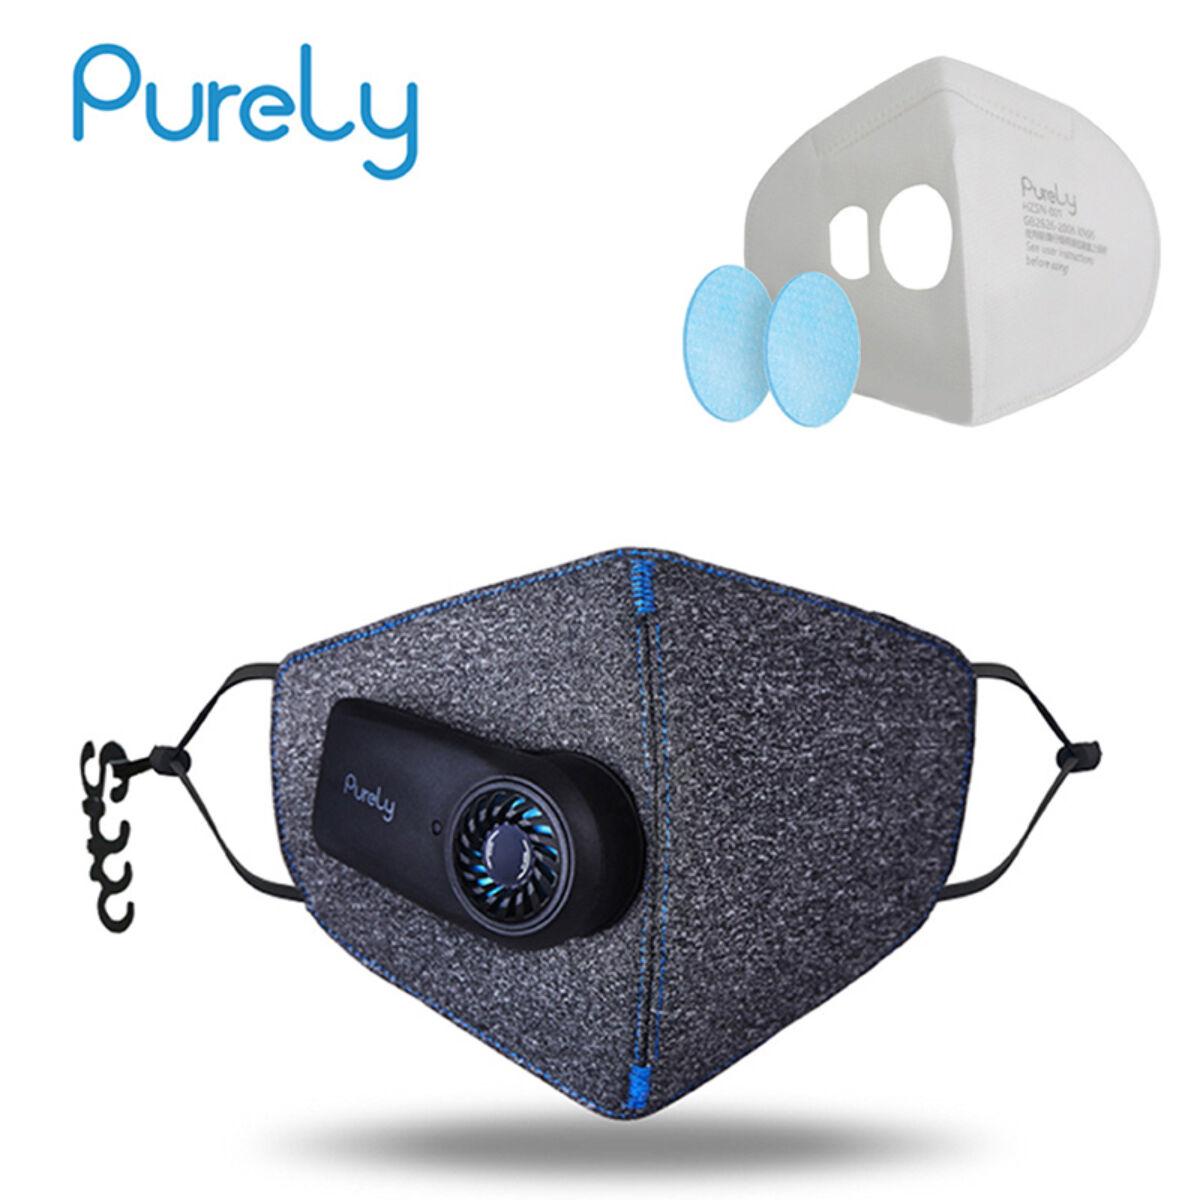 Xiaomi Mi Purely Anti-Pollution Air Face Mask, arcmaszk szűrővel, 550 mAh akkumulátorral, EU, HZSN001